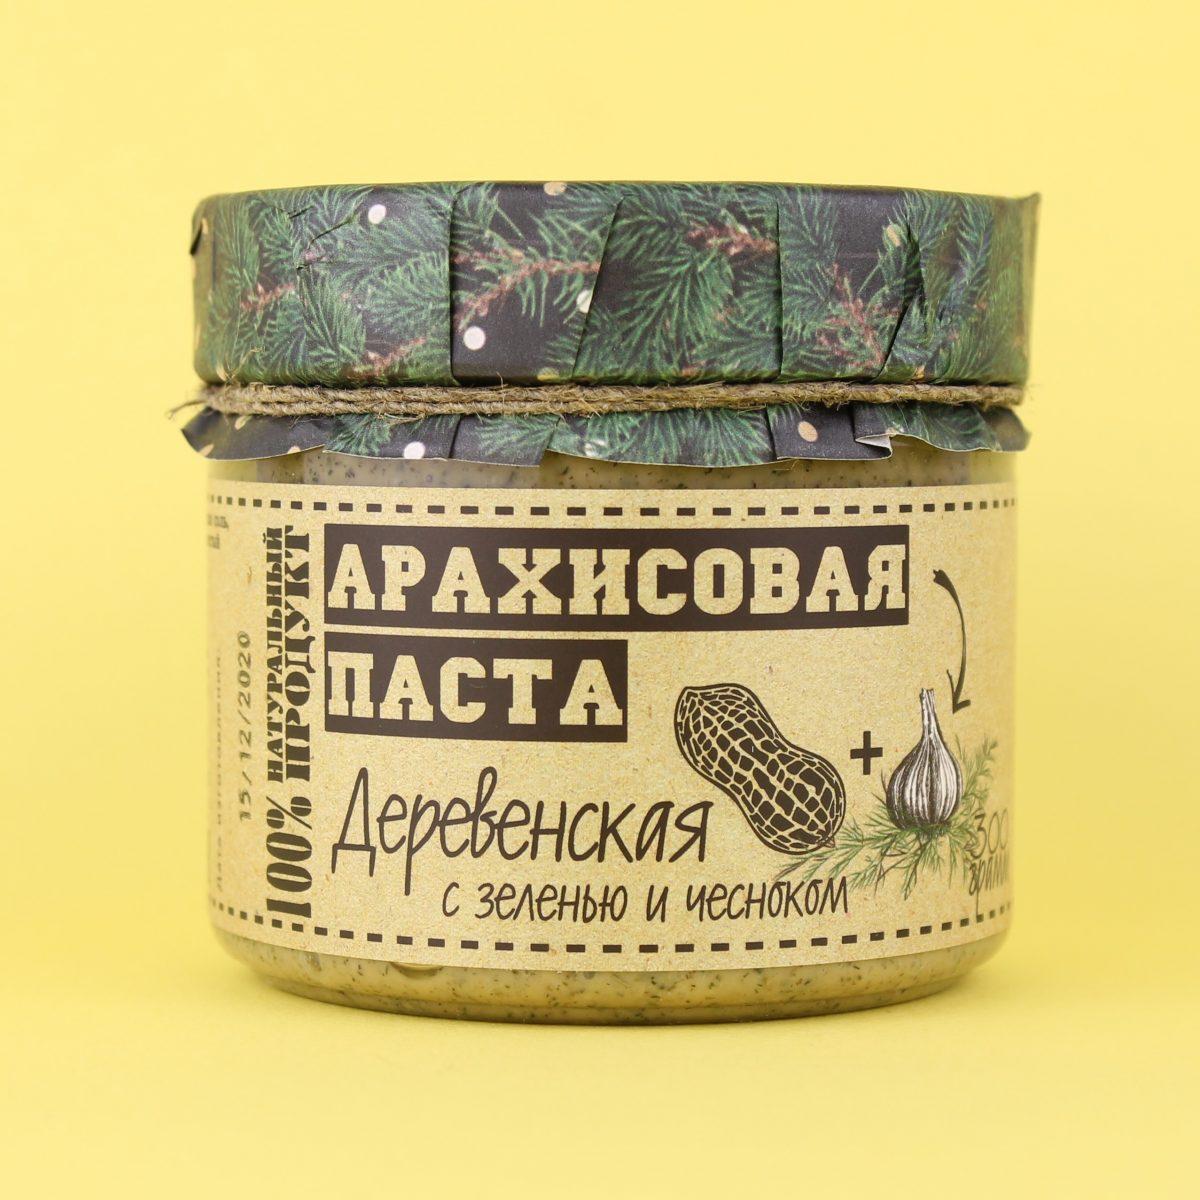 Паста арахисовая Деревенская